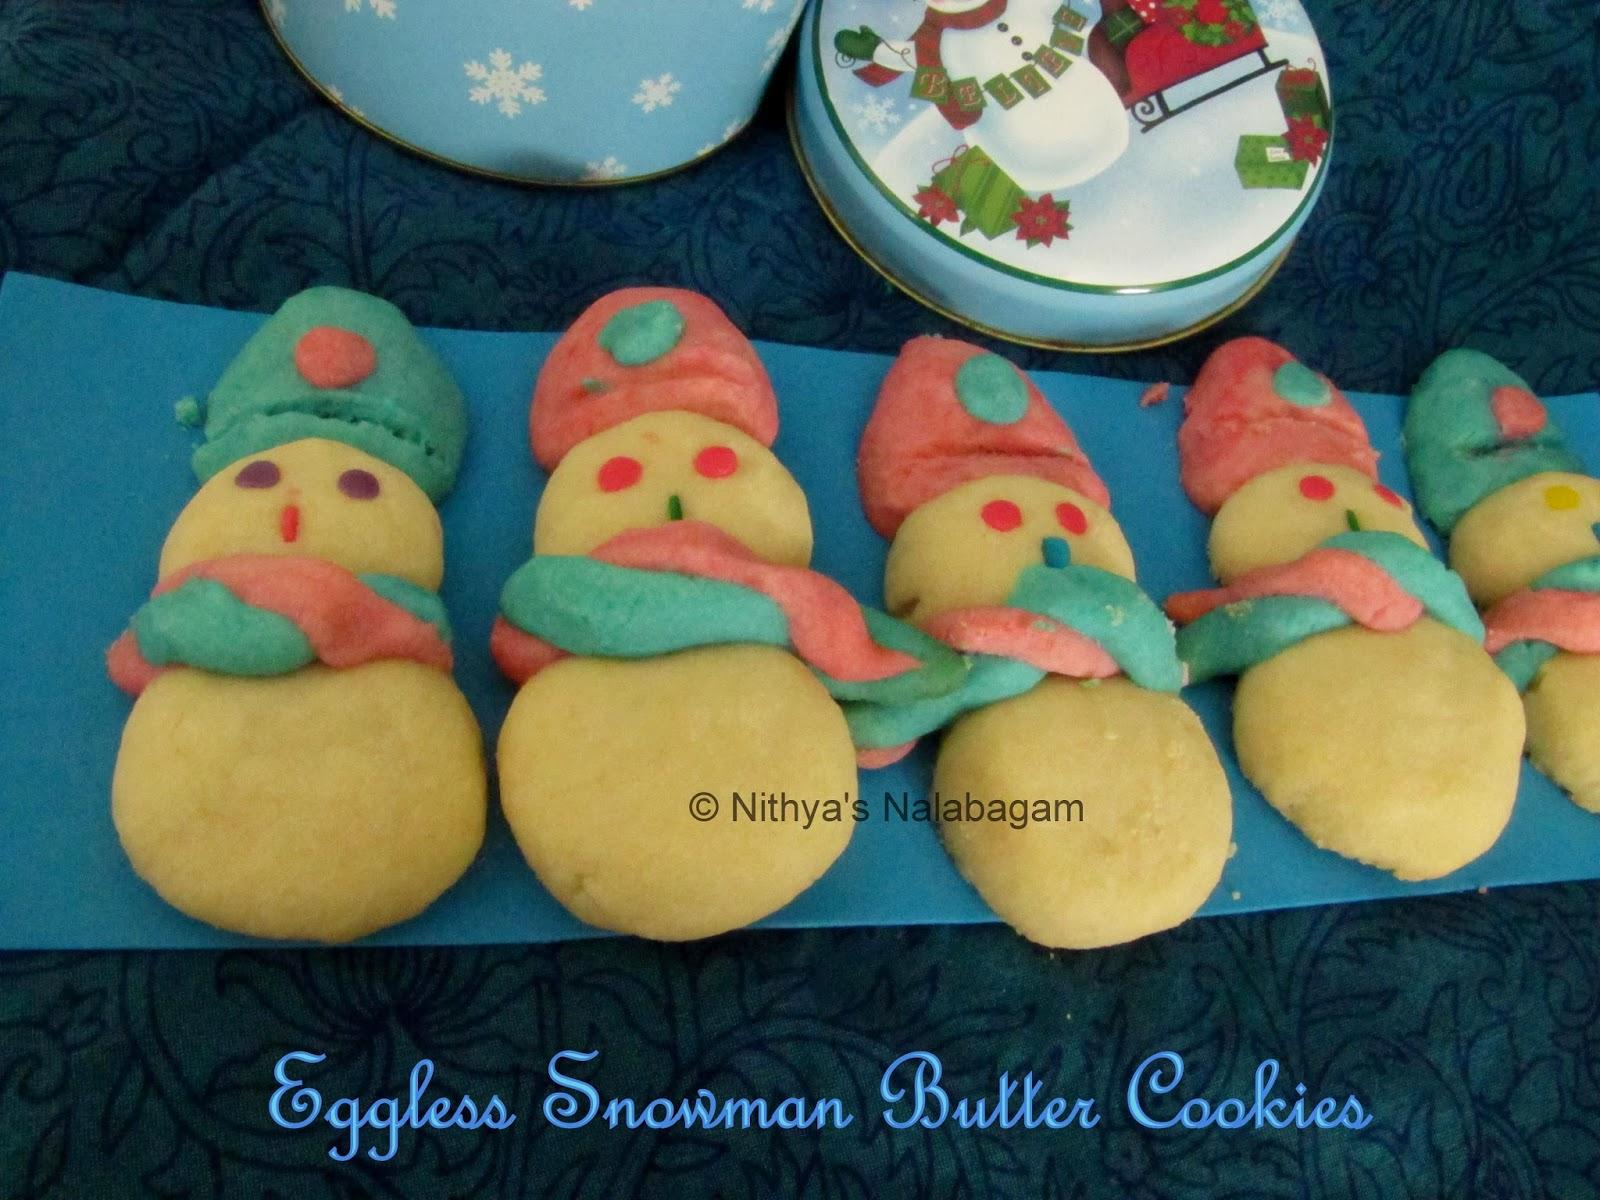 Snowman Butter Cookies